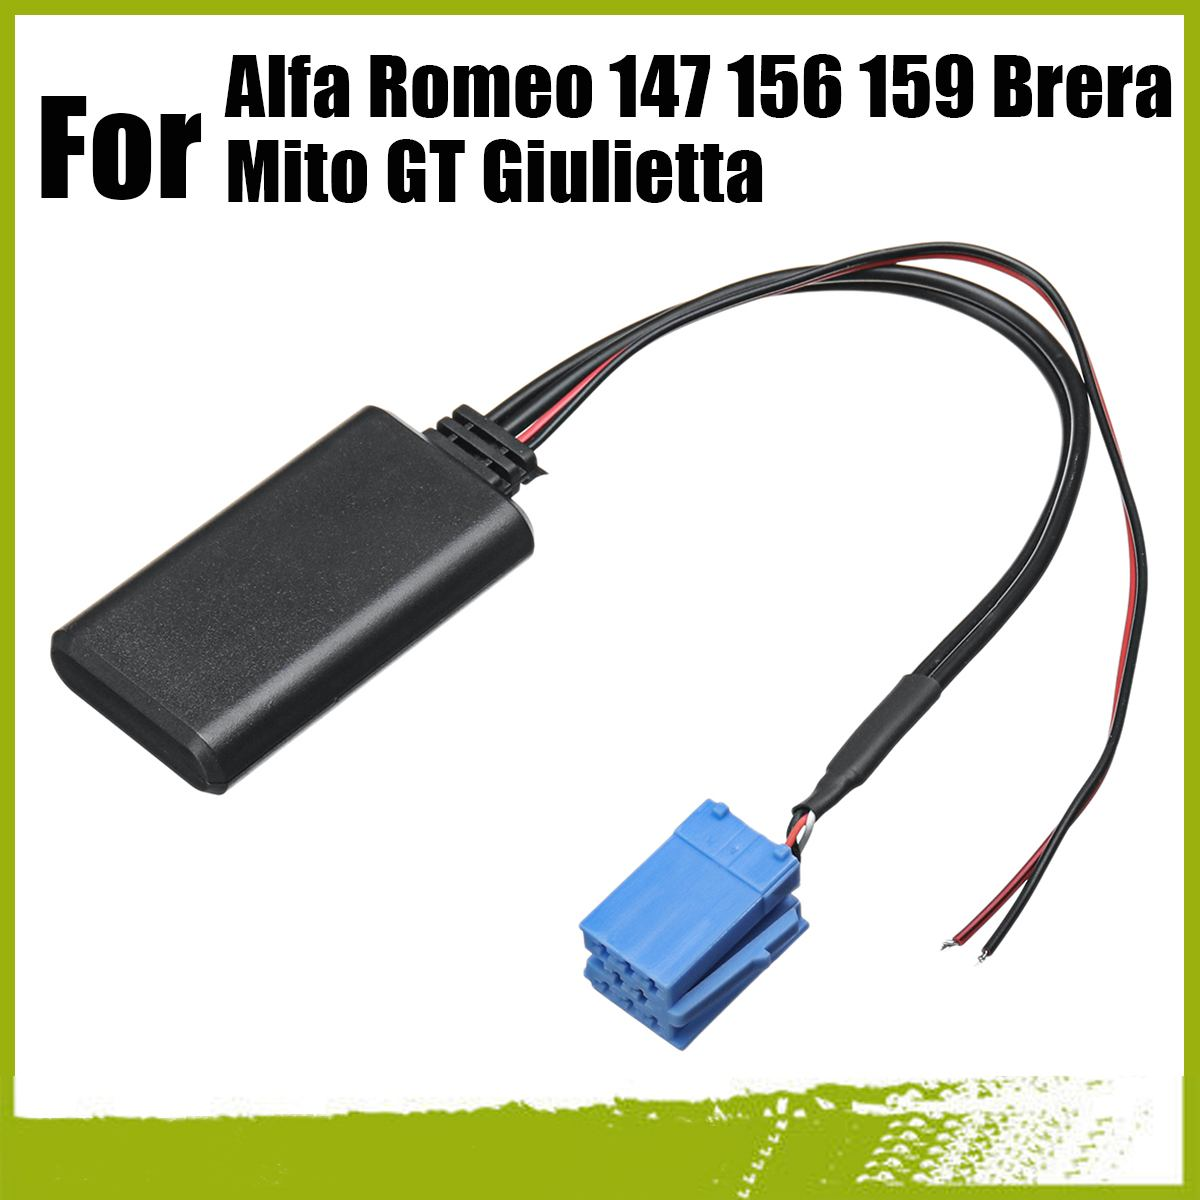 Cavo Aux per interfaccia radio stereo Aux per Alfa Romeo 147 156 159 Brera Mito Gt Kamenda